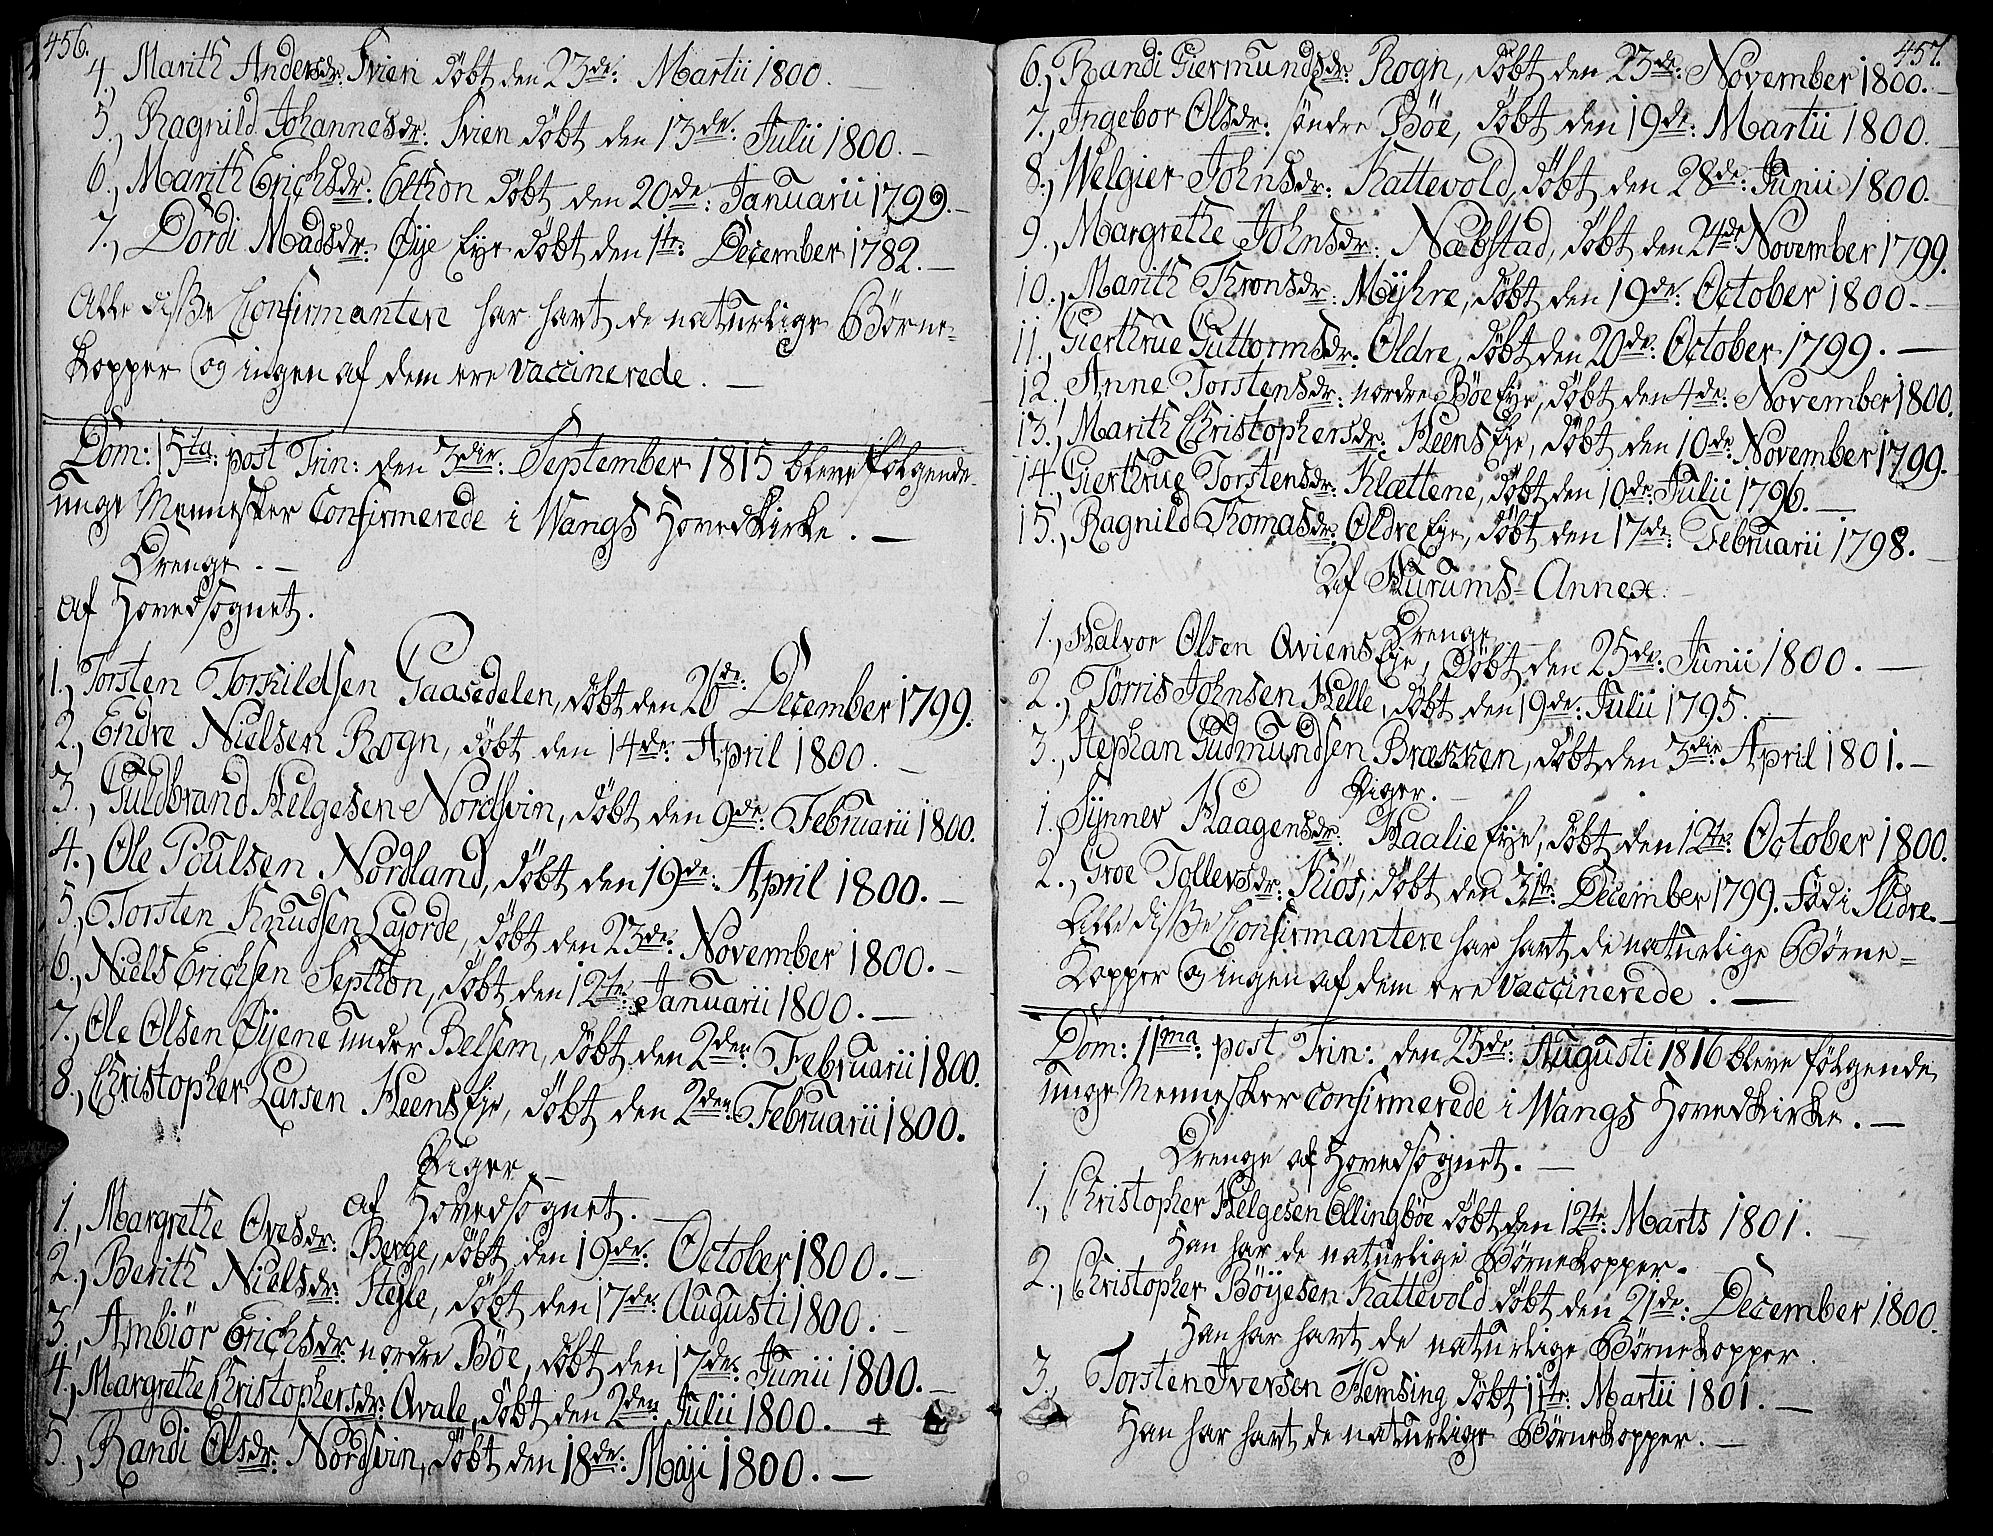 SAH, Vang prestekontor, Valdres, Ministerialbok nr. 3, 1809-1831, s. 456-457